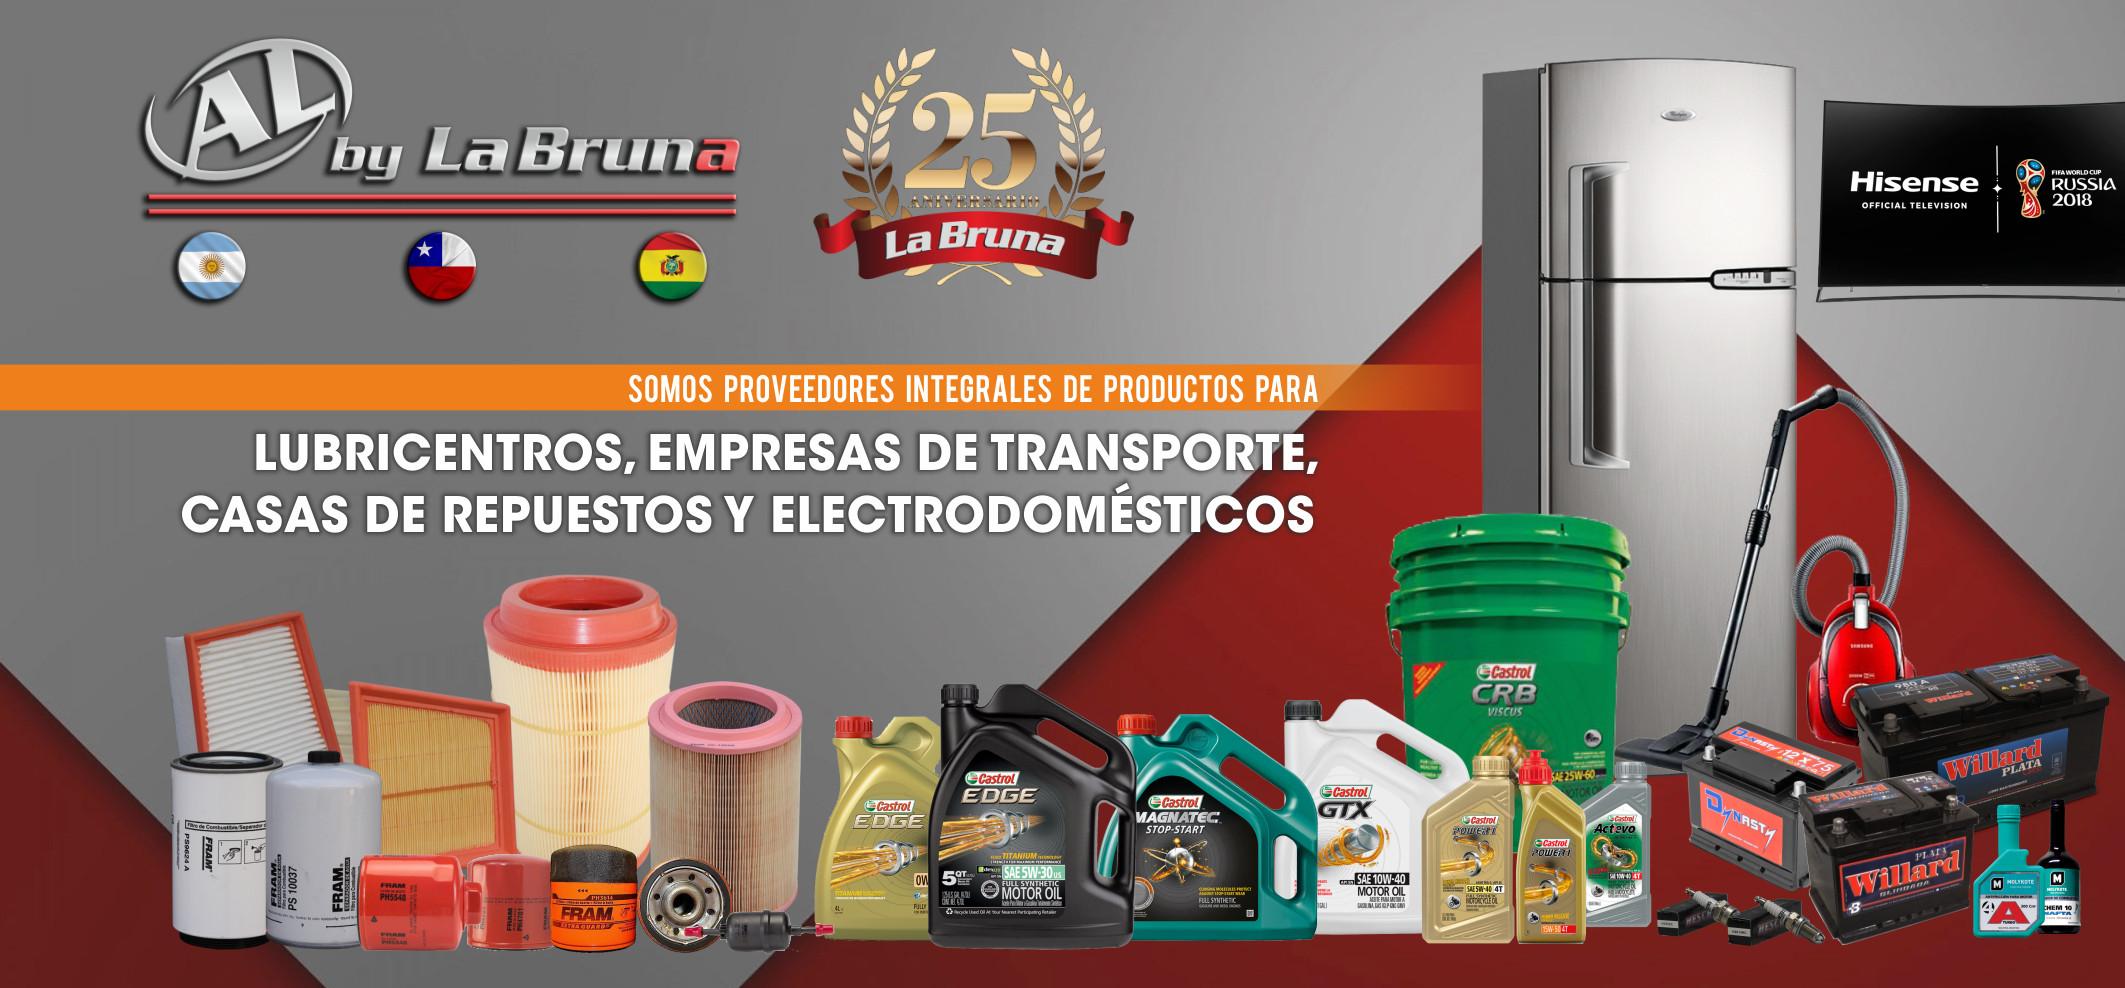 Somos proveedores integrales de productos…